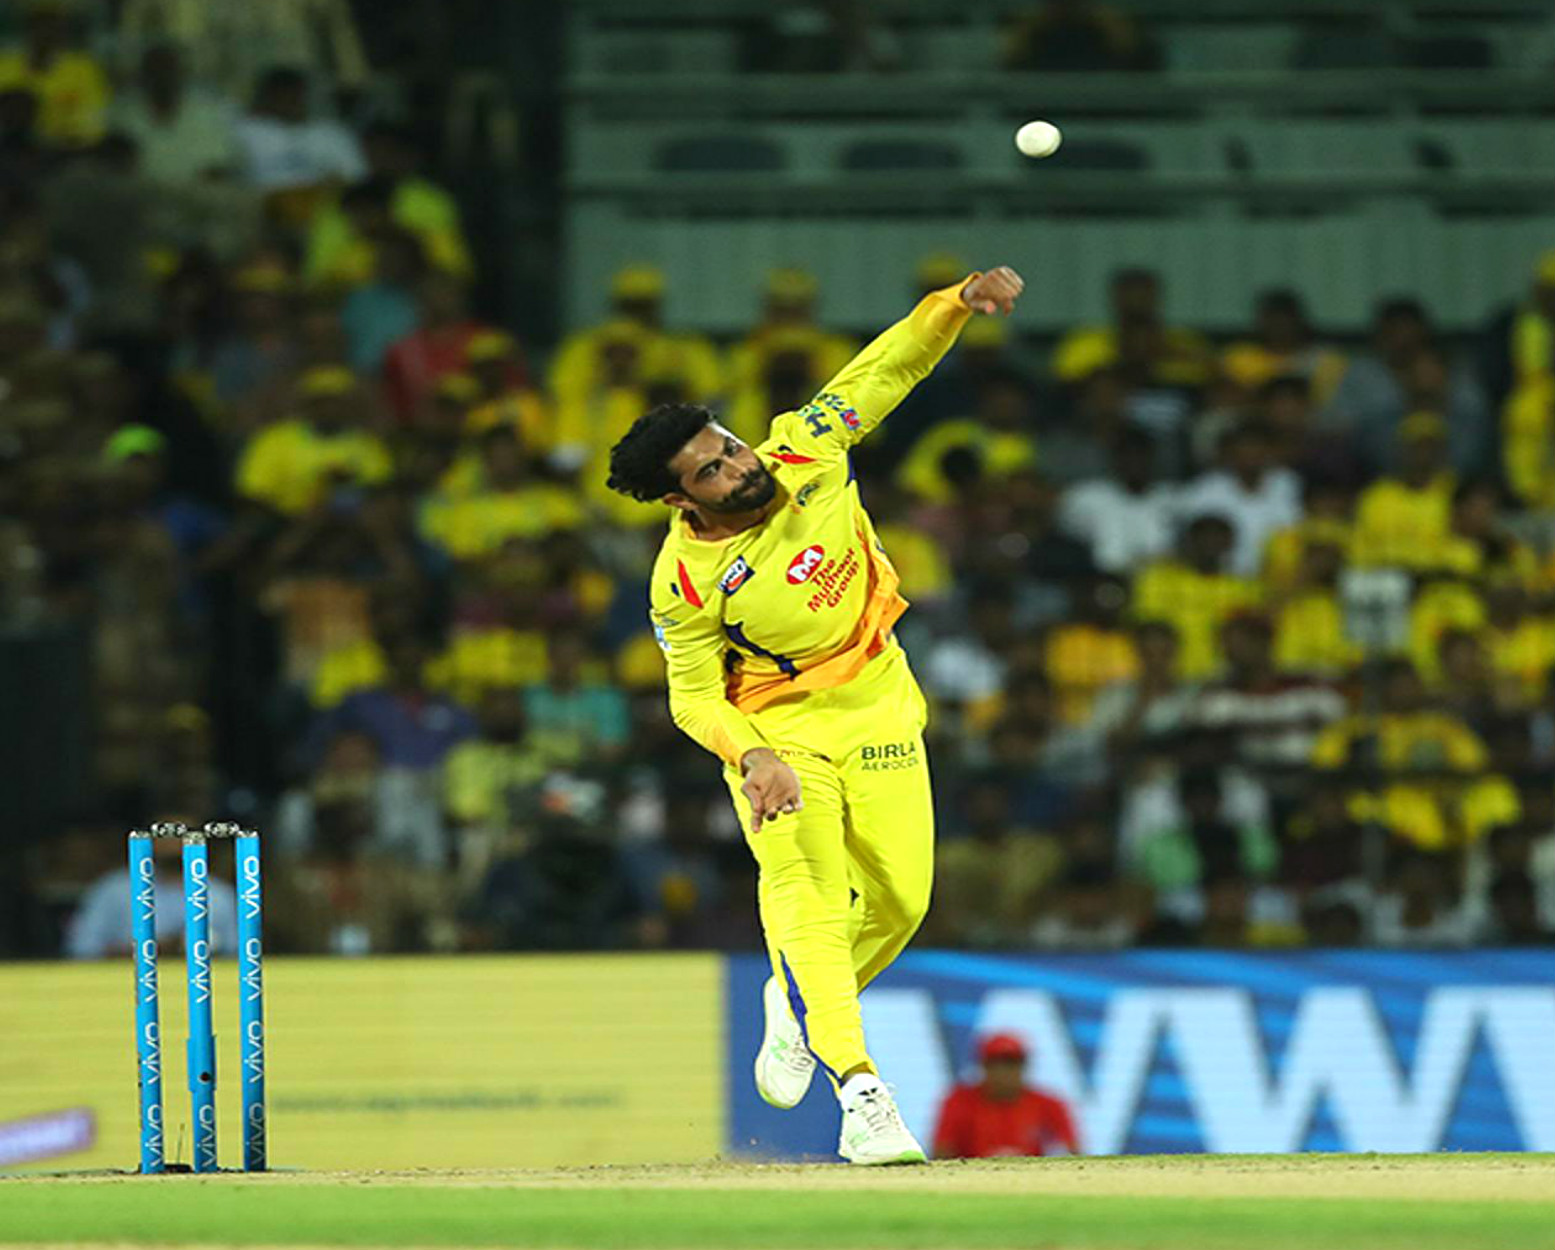 रविंद्र जडेजा आलराउंडर प्रदर्शन कर आज दिला सकते है चेन्नई को जीत, ये रही वजह 1